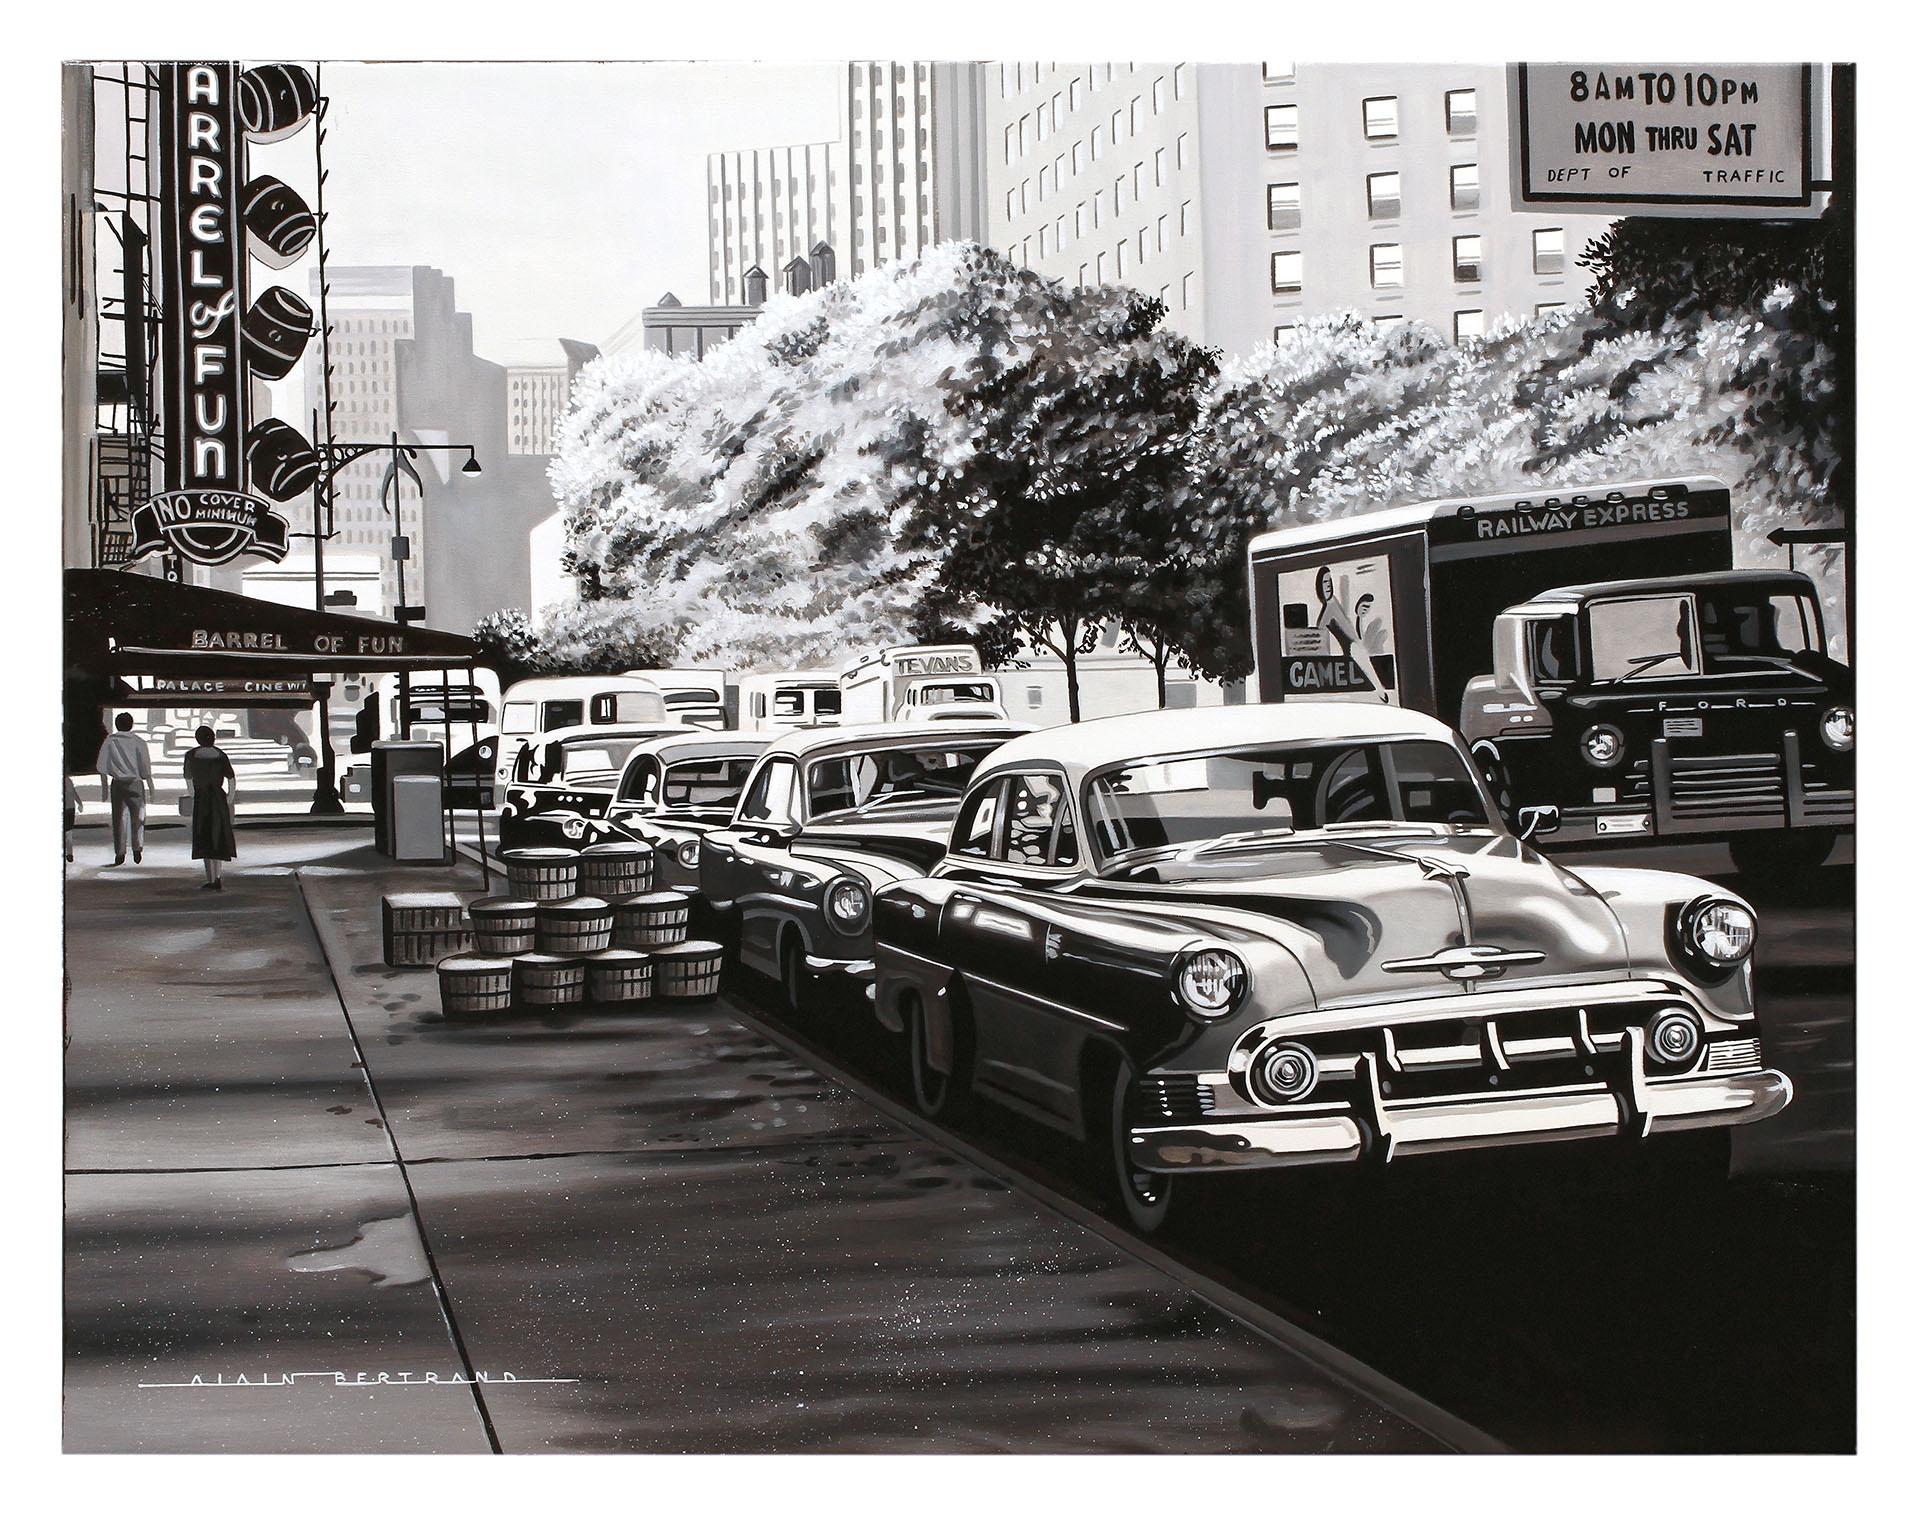 CHEVY IN NEW YORK STREET 92X73